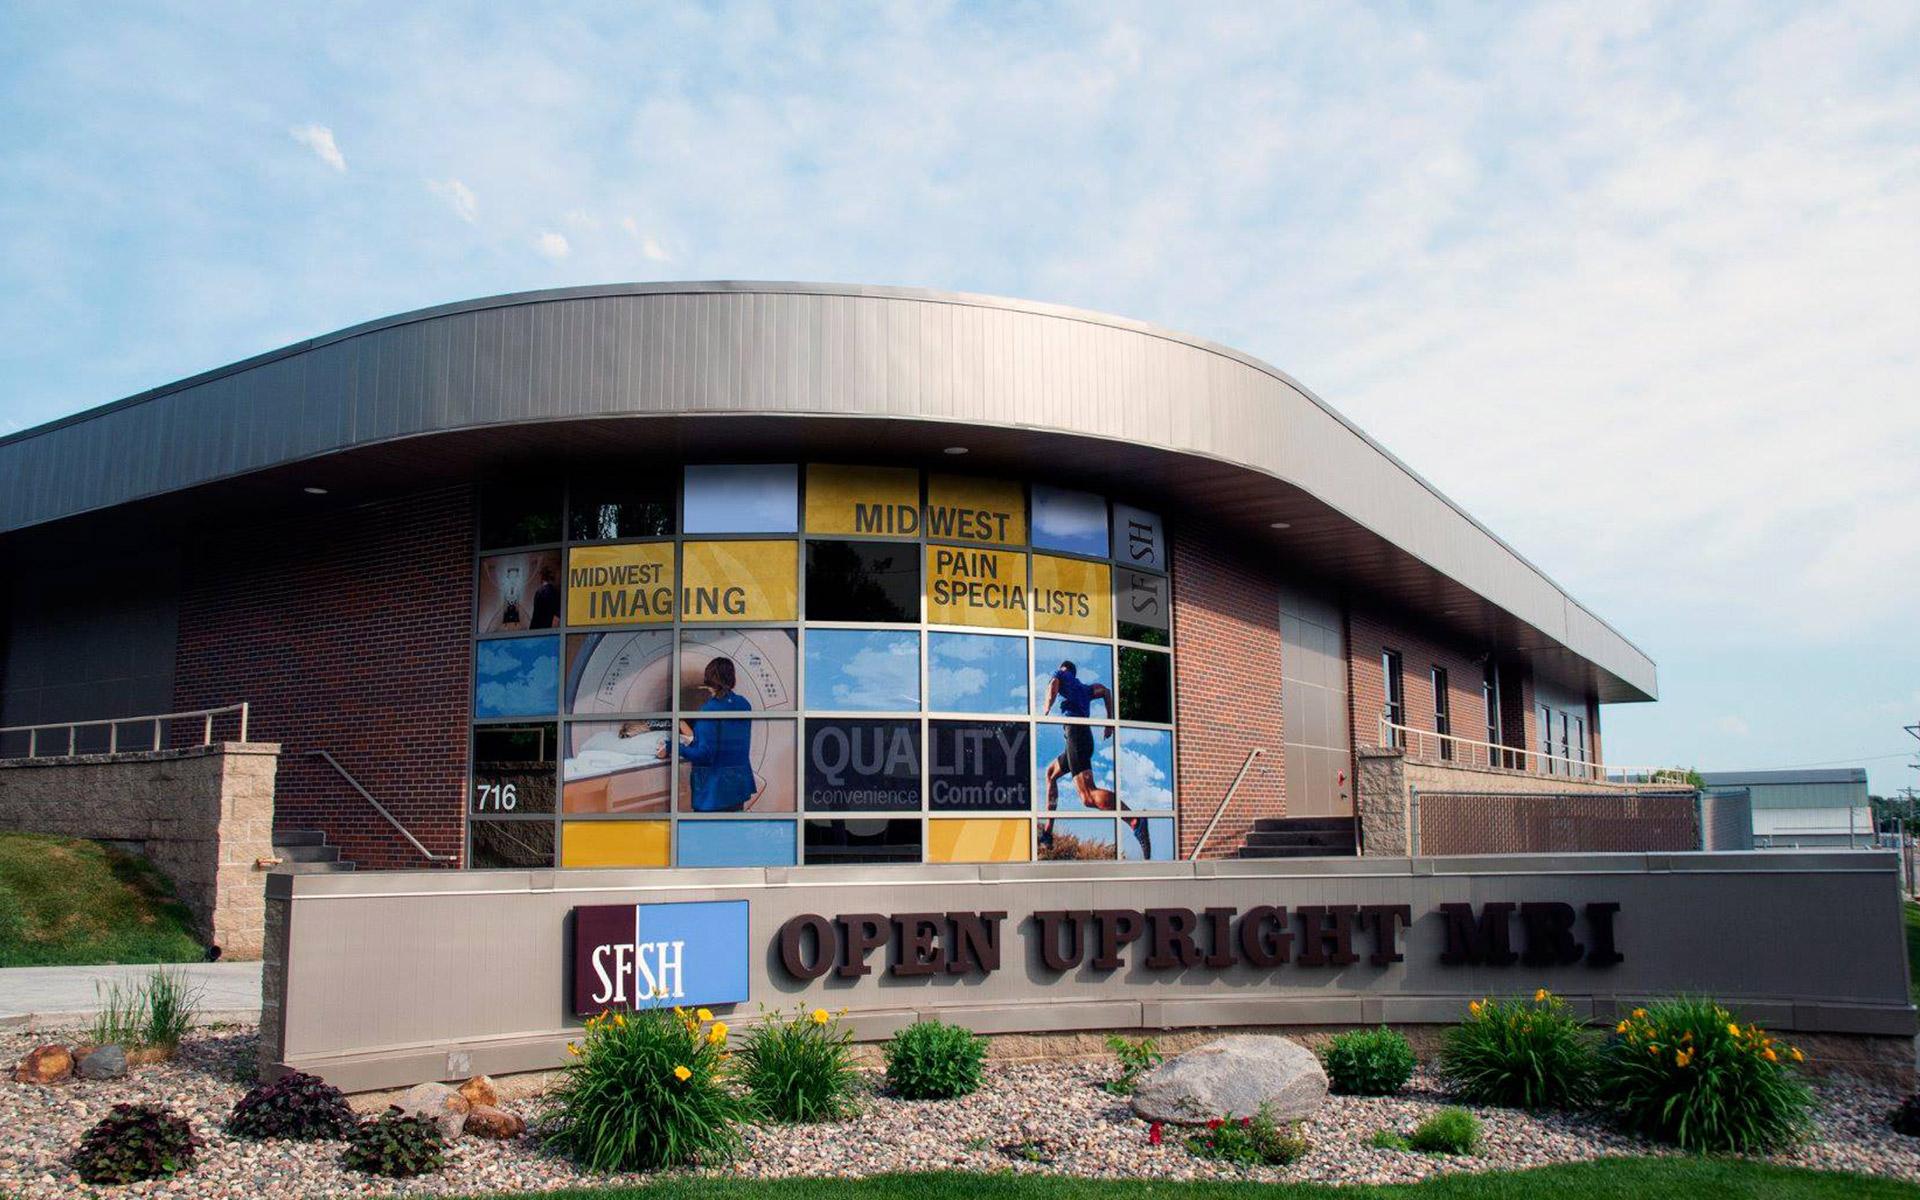 Signage SFSH - Open Upright MRI